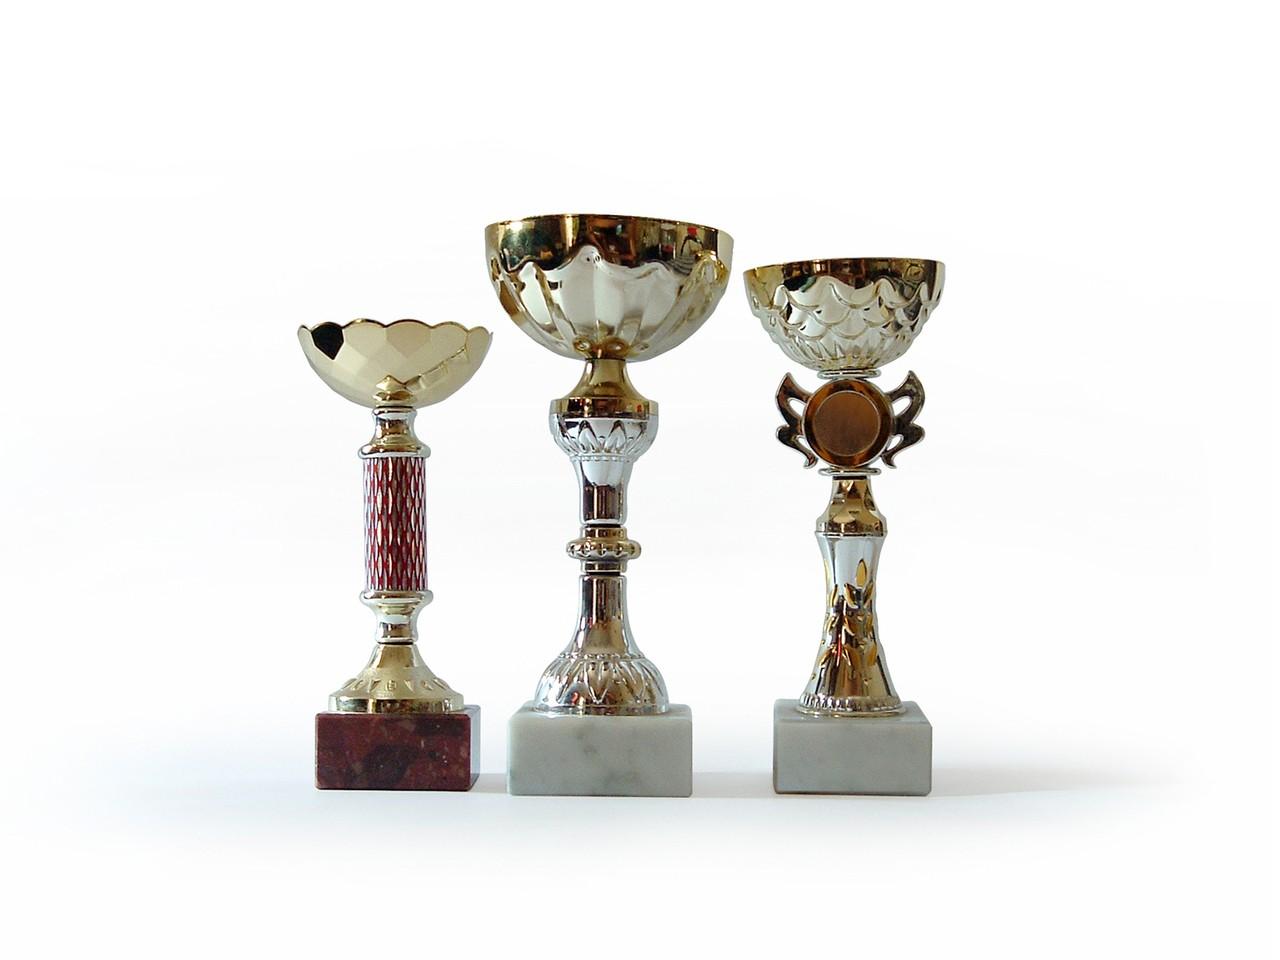 Na szkolnych zawodach także mają być trofea i nagrody